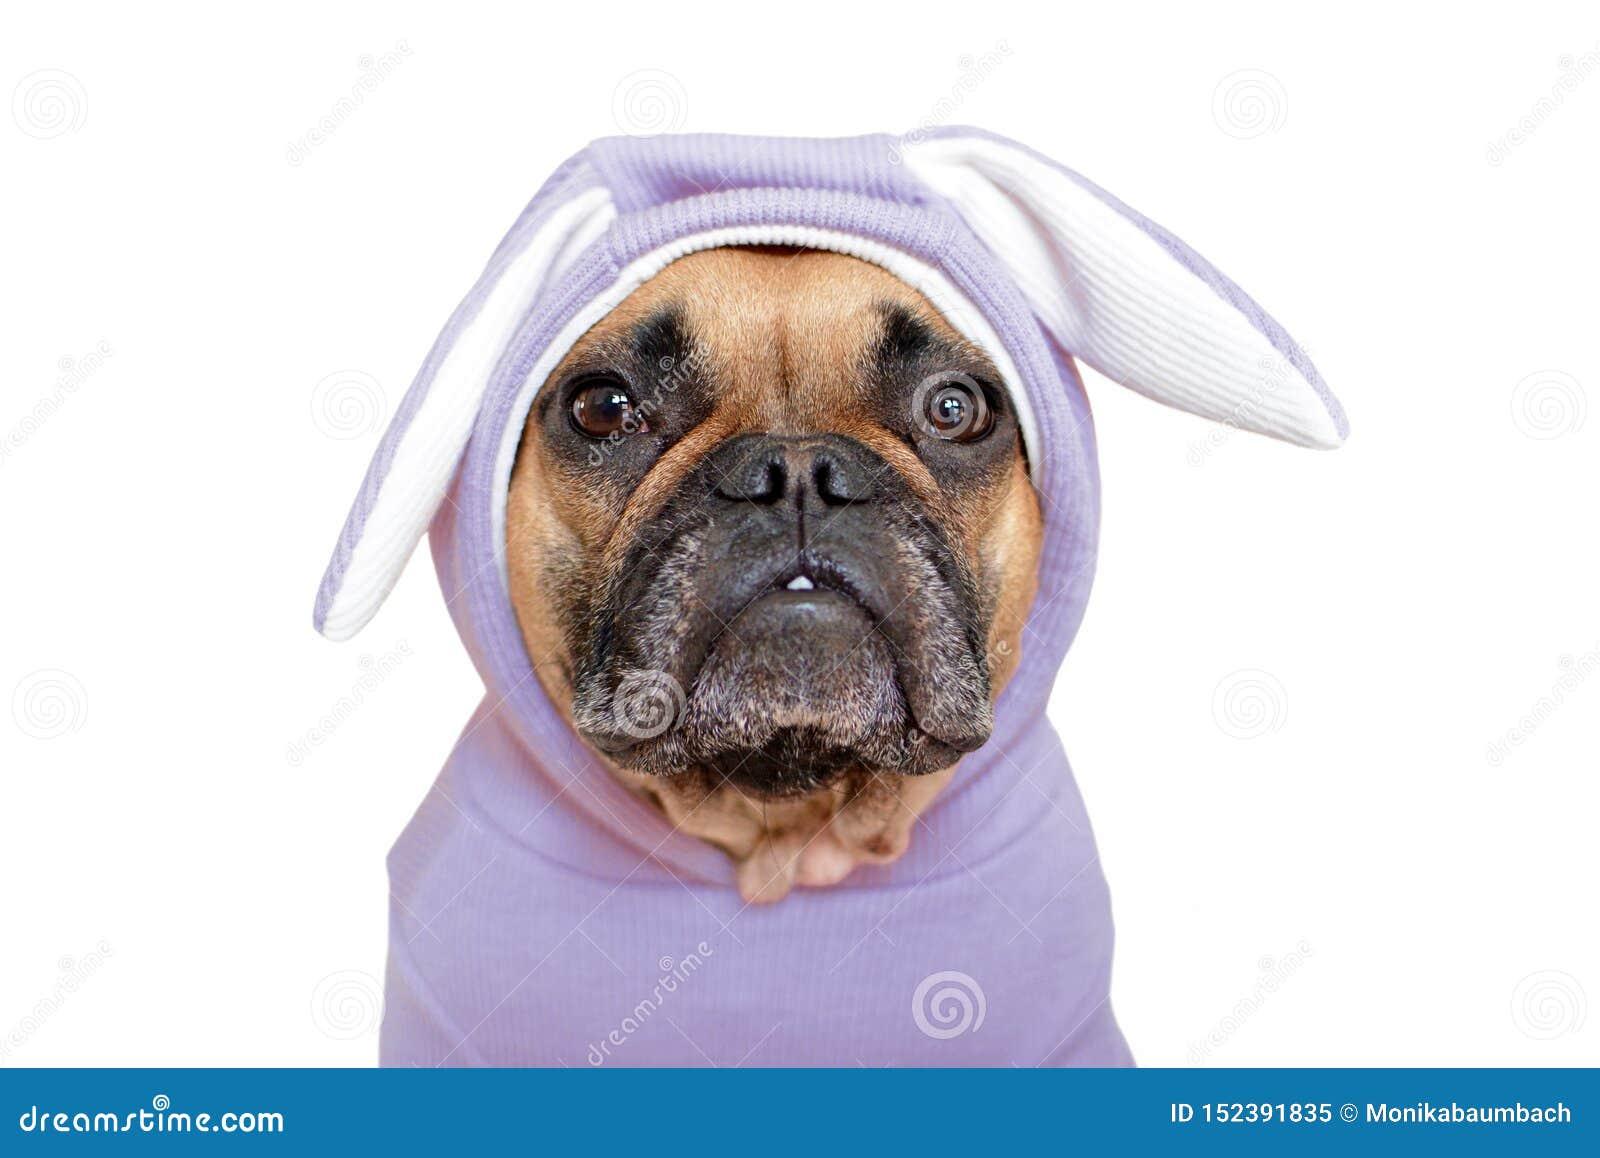 Gullig för hundflicka för fransk bulldogg uppklädd i roligt ljus - violett dräkt för easter kanin med öron på vit bakgrund